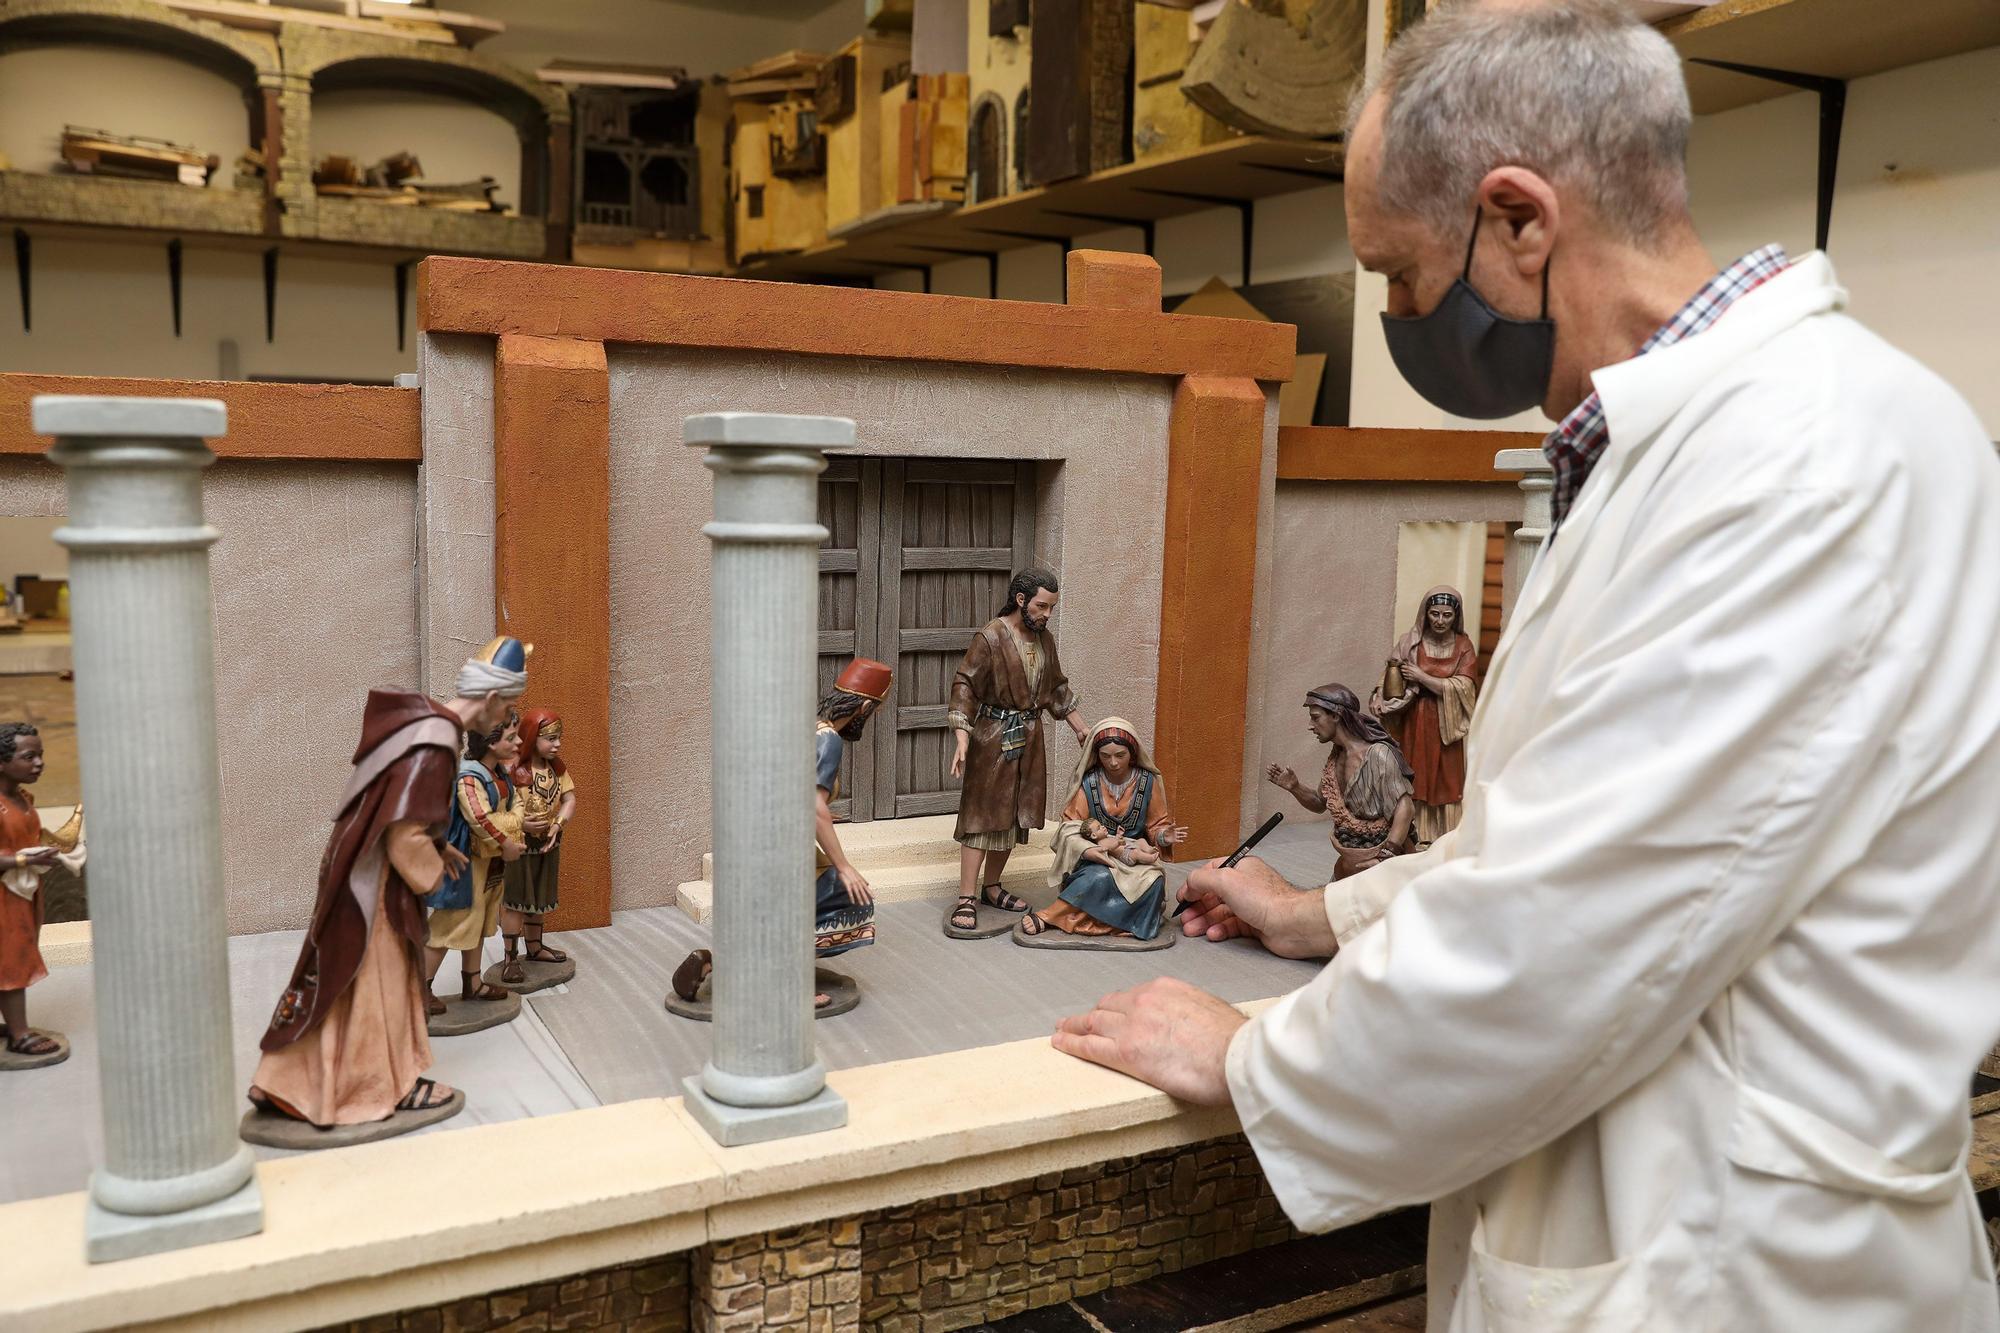 La Asocici�n Belenista de Gij�n prepara su bel�n monumental (2).jpg